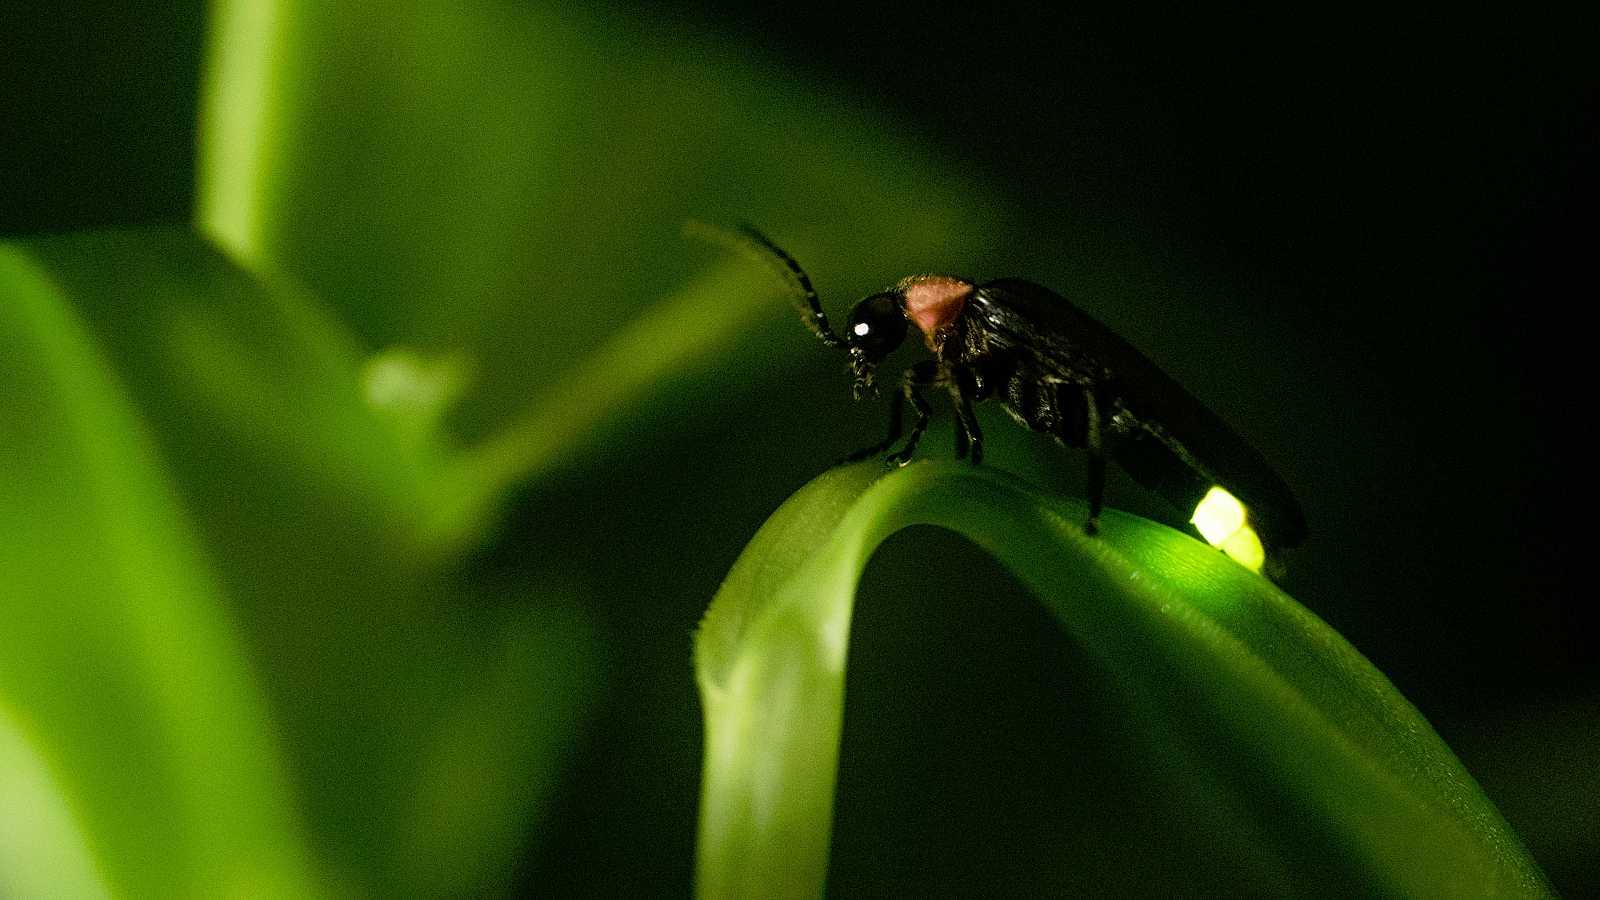 Las luciérnagas pertenecen a un grupo de insectos con más de 2.000 especies diferentes repartidas por todo el mundo.